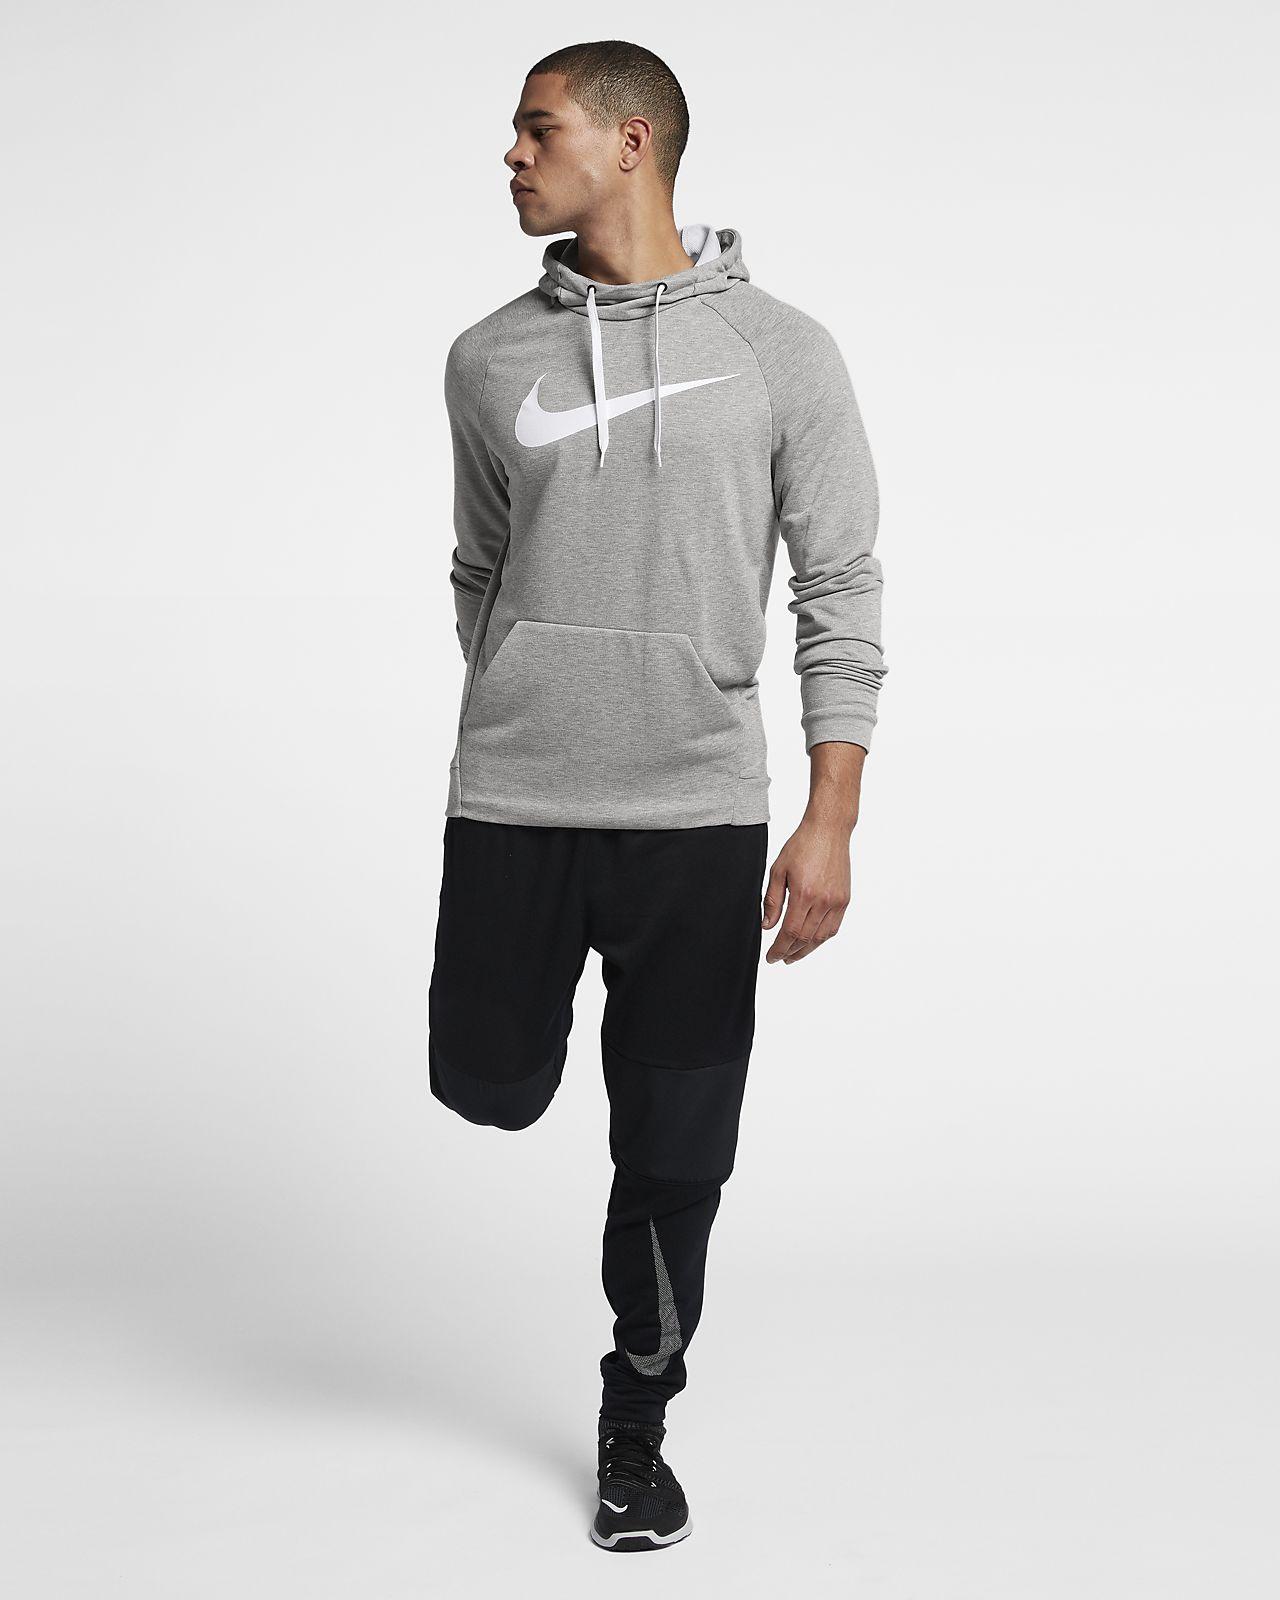 Sweat shirt Nike Dry Training gris blanc | Deporvillage